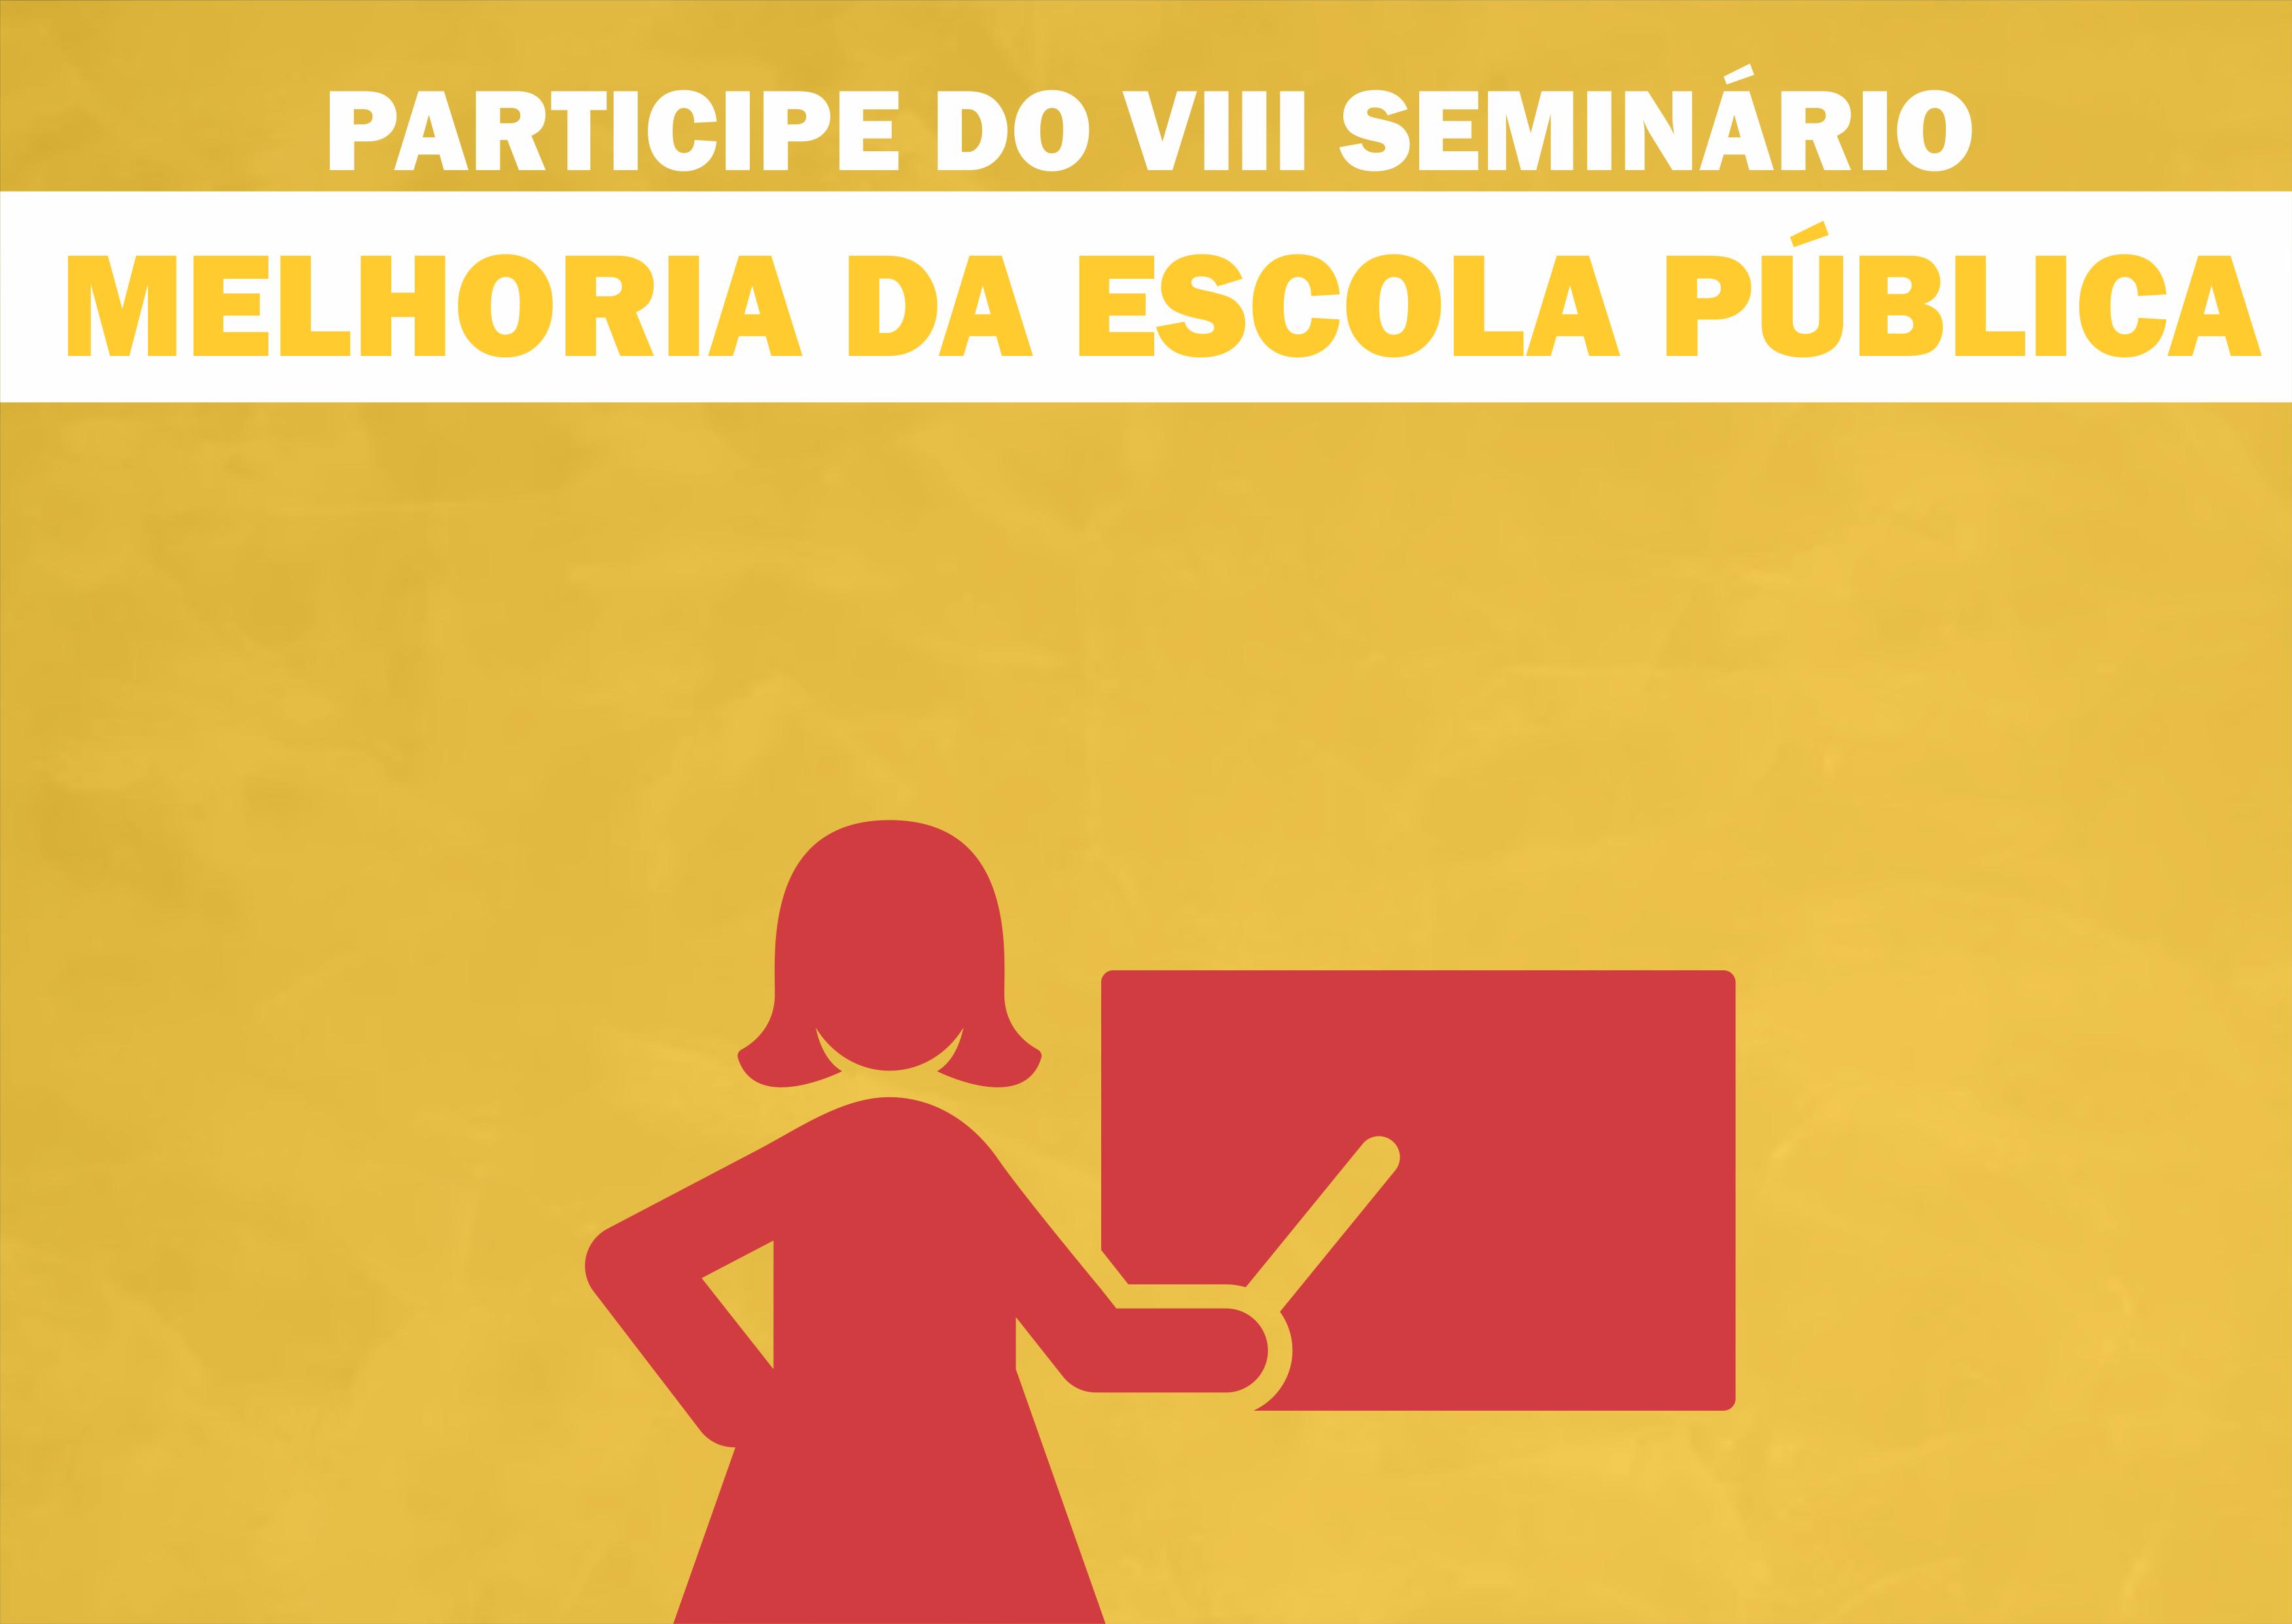 Sintrapp oferece desconto para seminário sobre escola pública